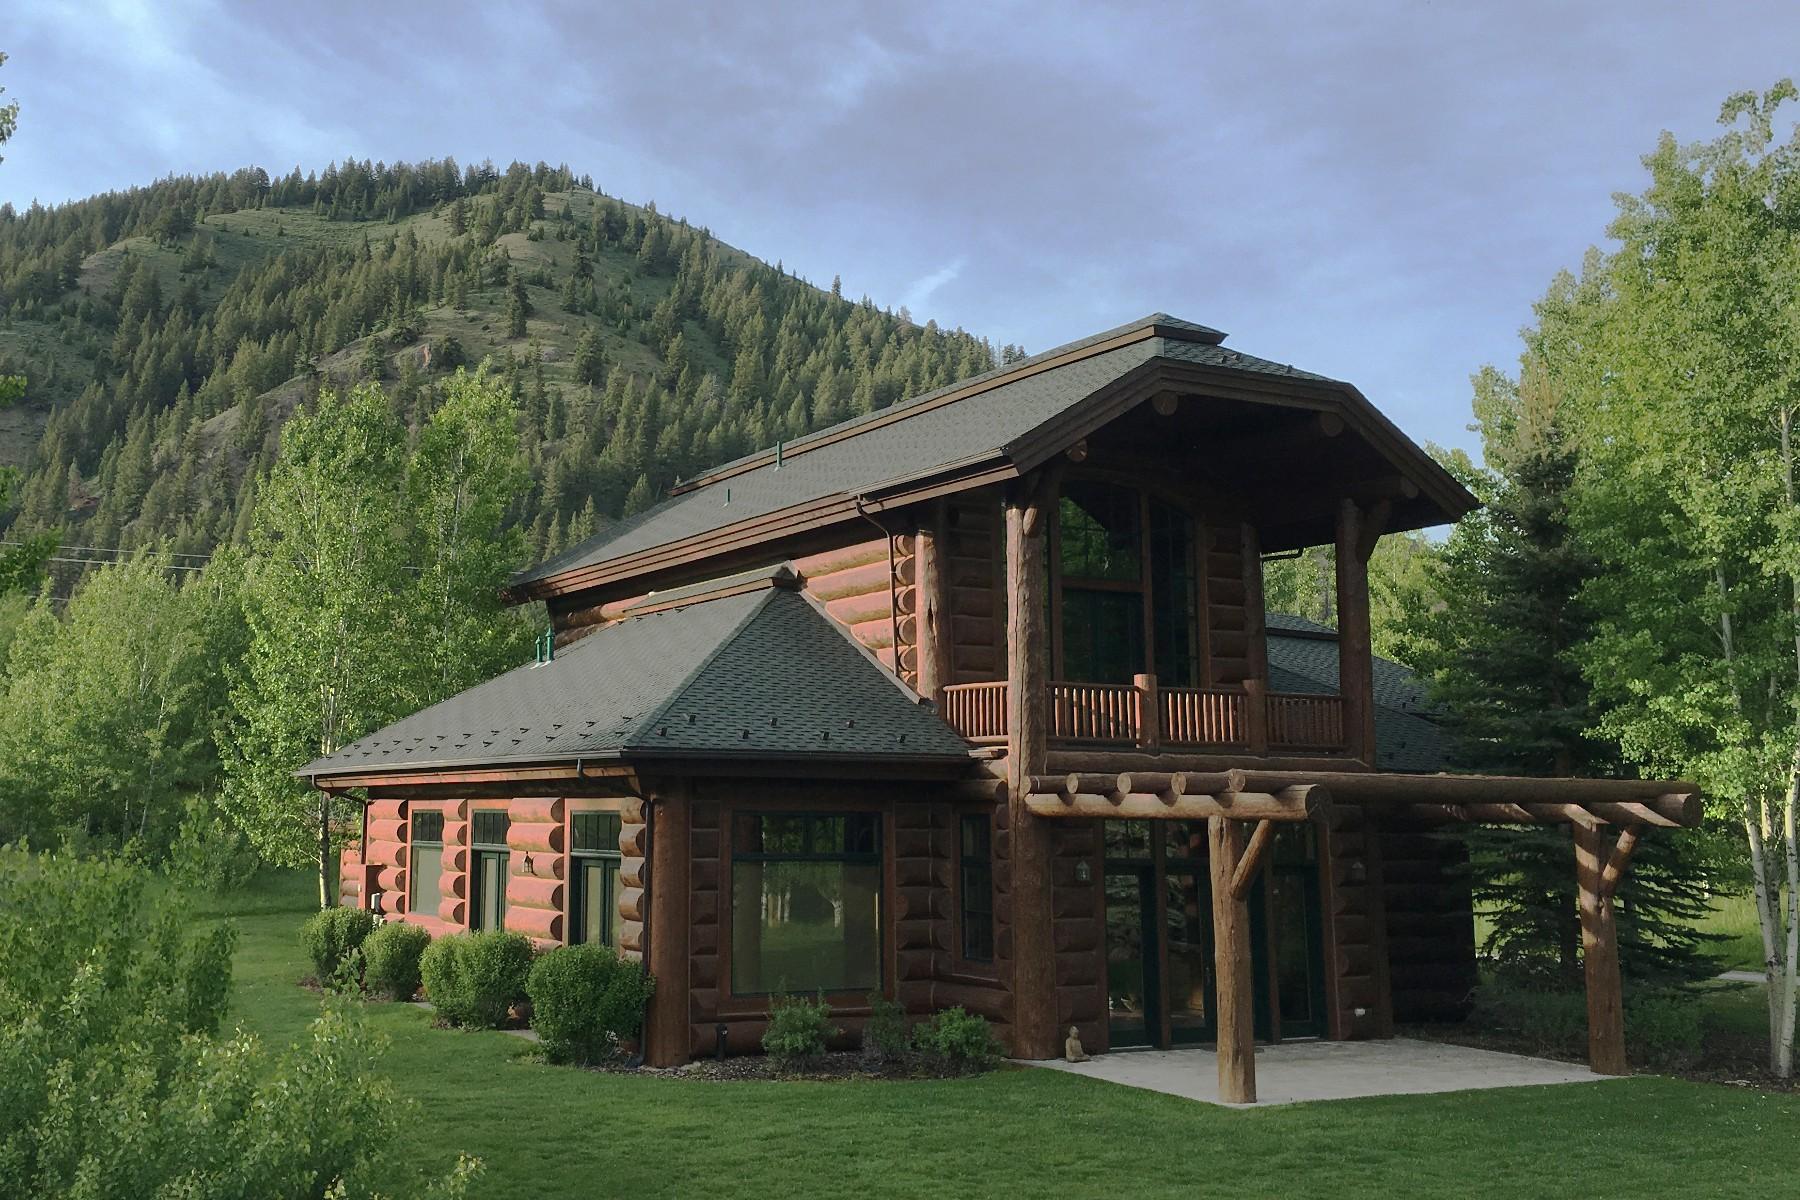 独户住宅 为 销售 在 A Gathering Place 80 River Sage Court 凯彻姆, 爱达荷州 83340 美国